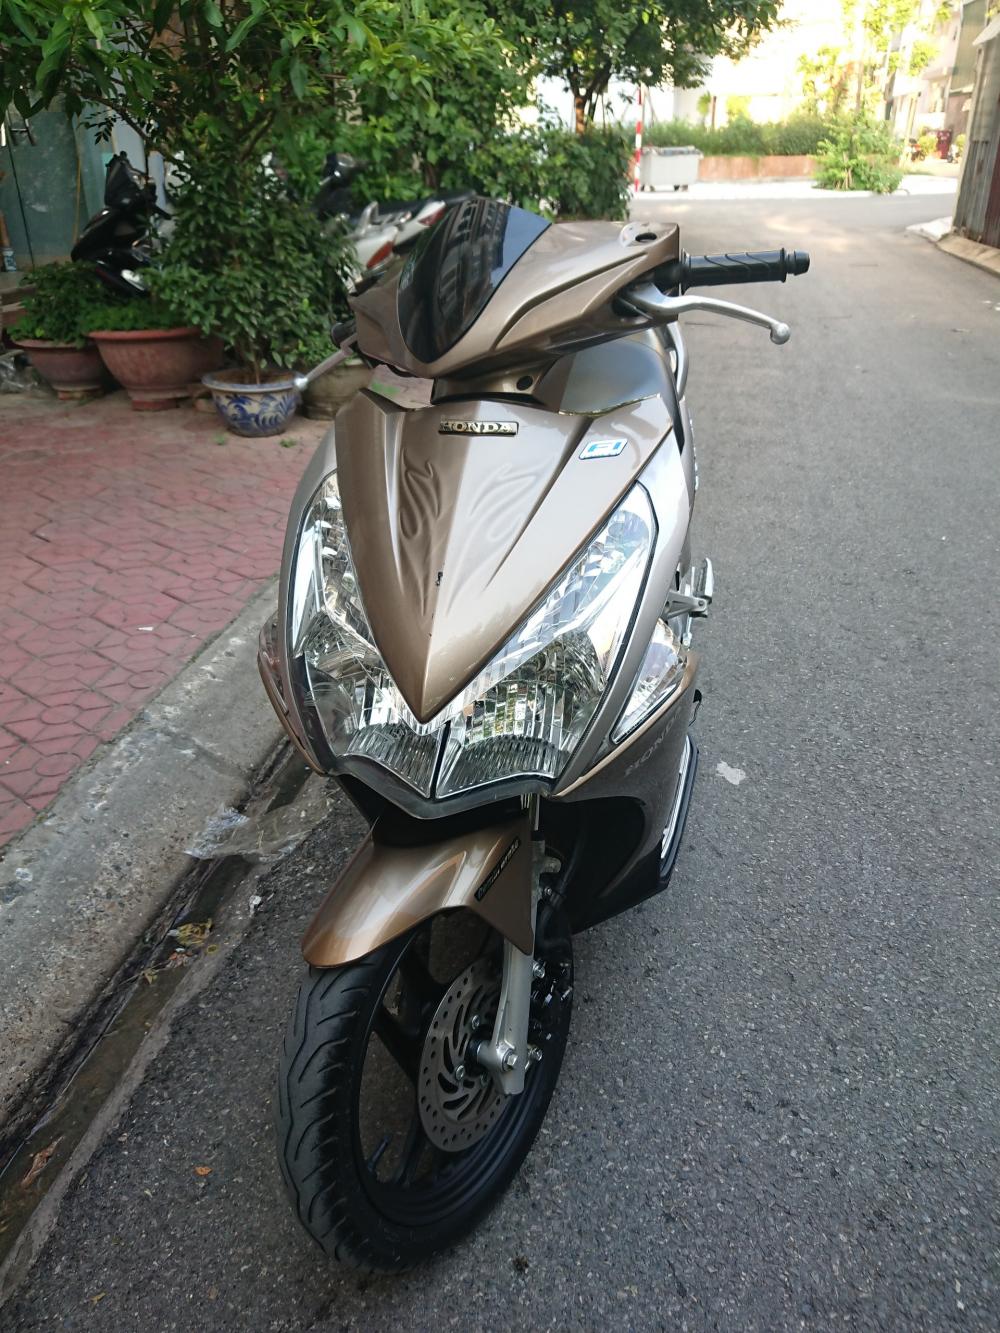 Rao ban Air blade fi 2012 cao cap tu tinh 3D vang dong chinh chu su dung HN - 6